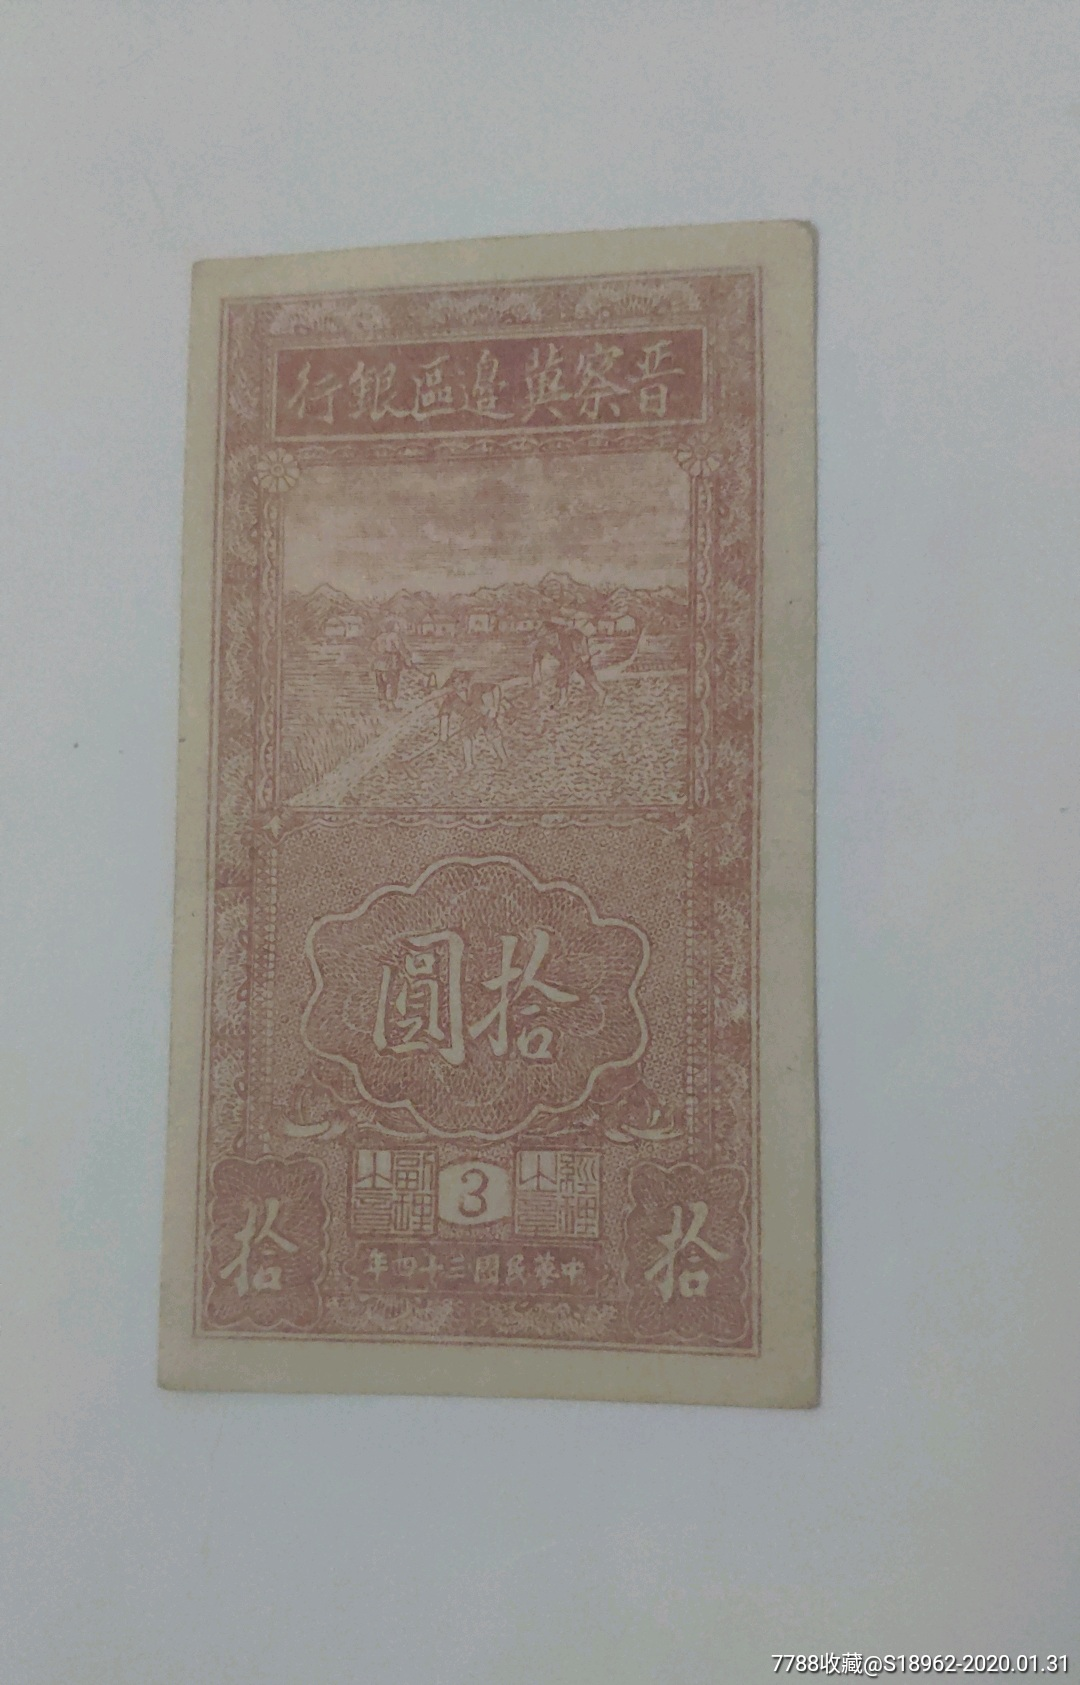 晋察冀边区银行_价格109元_第1张_